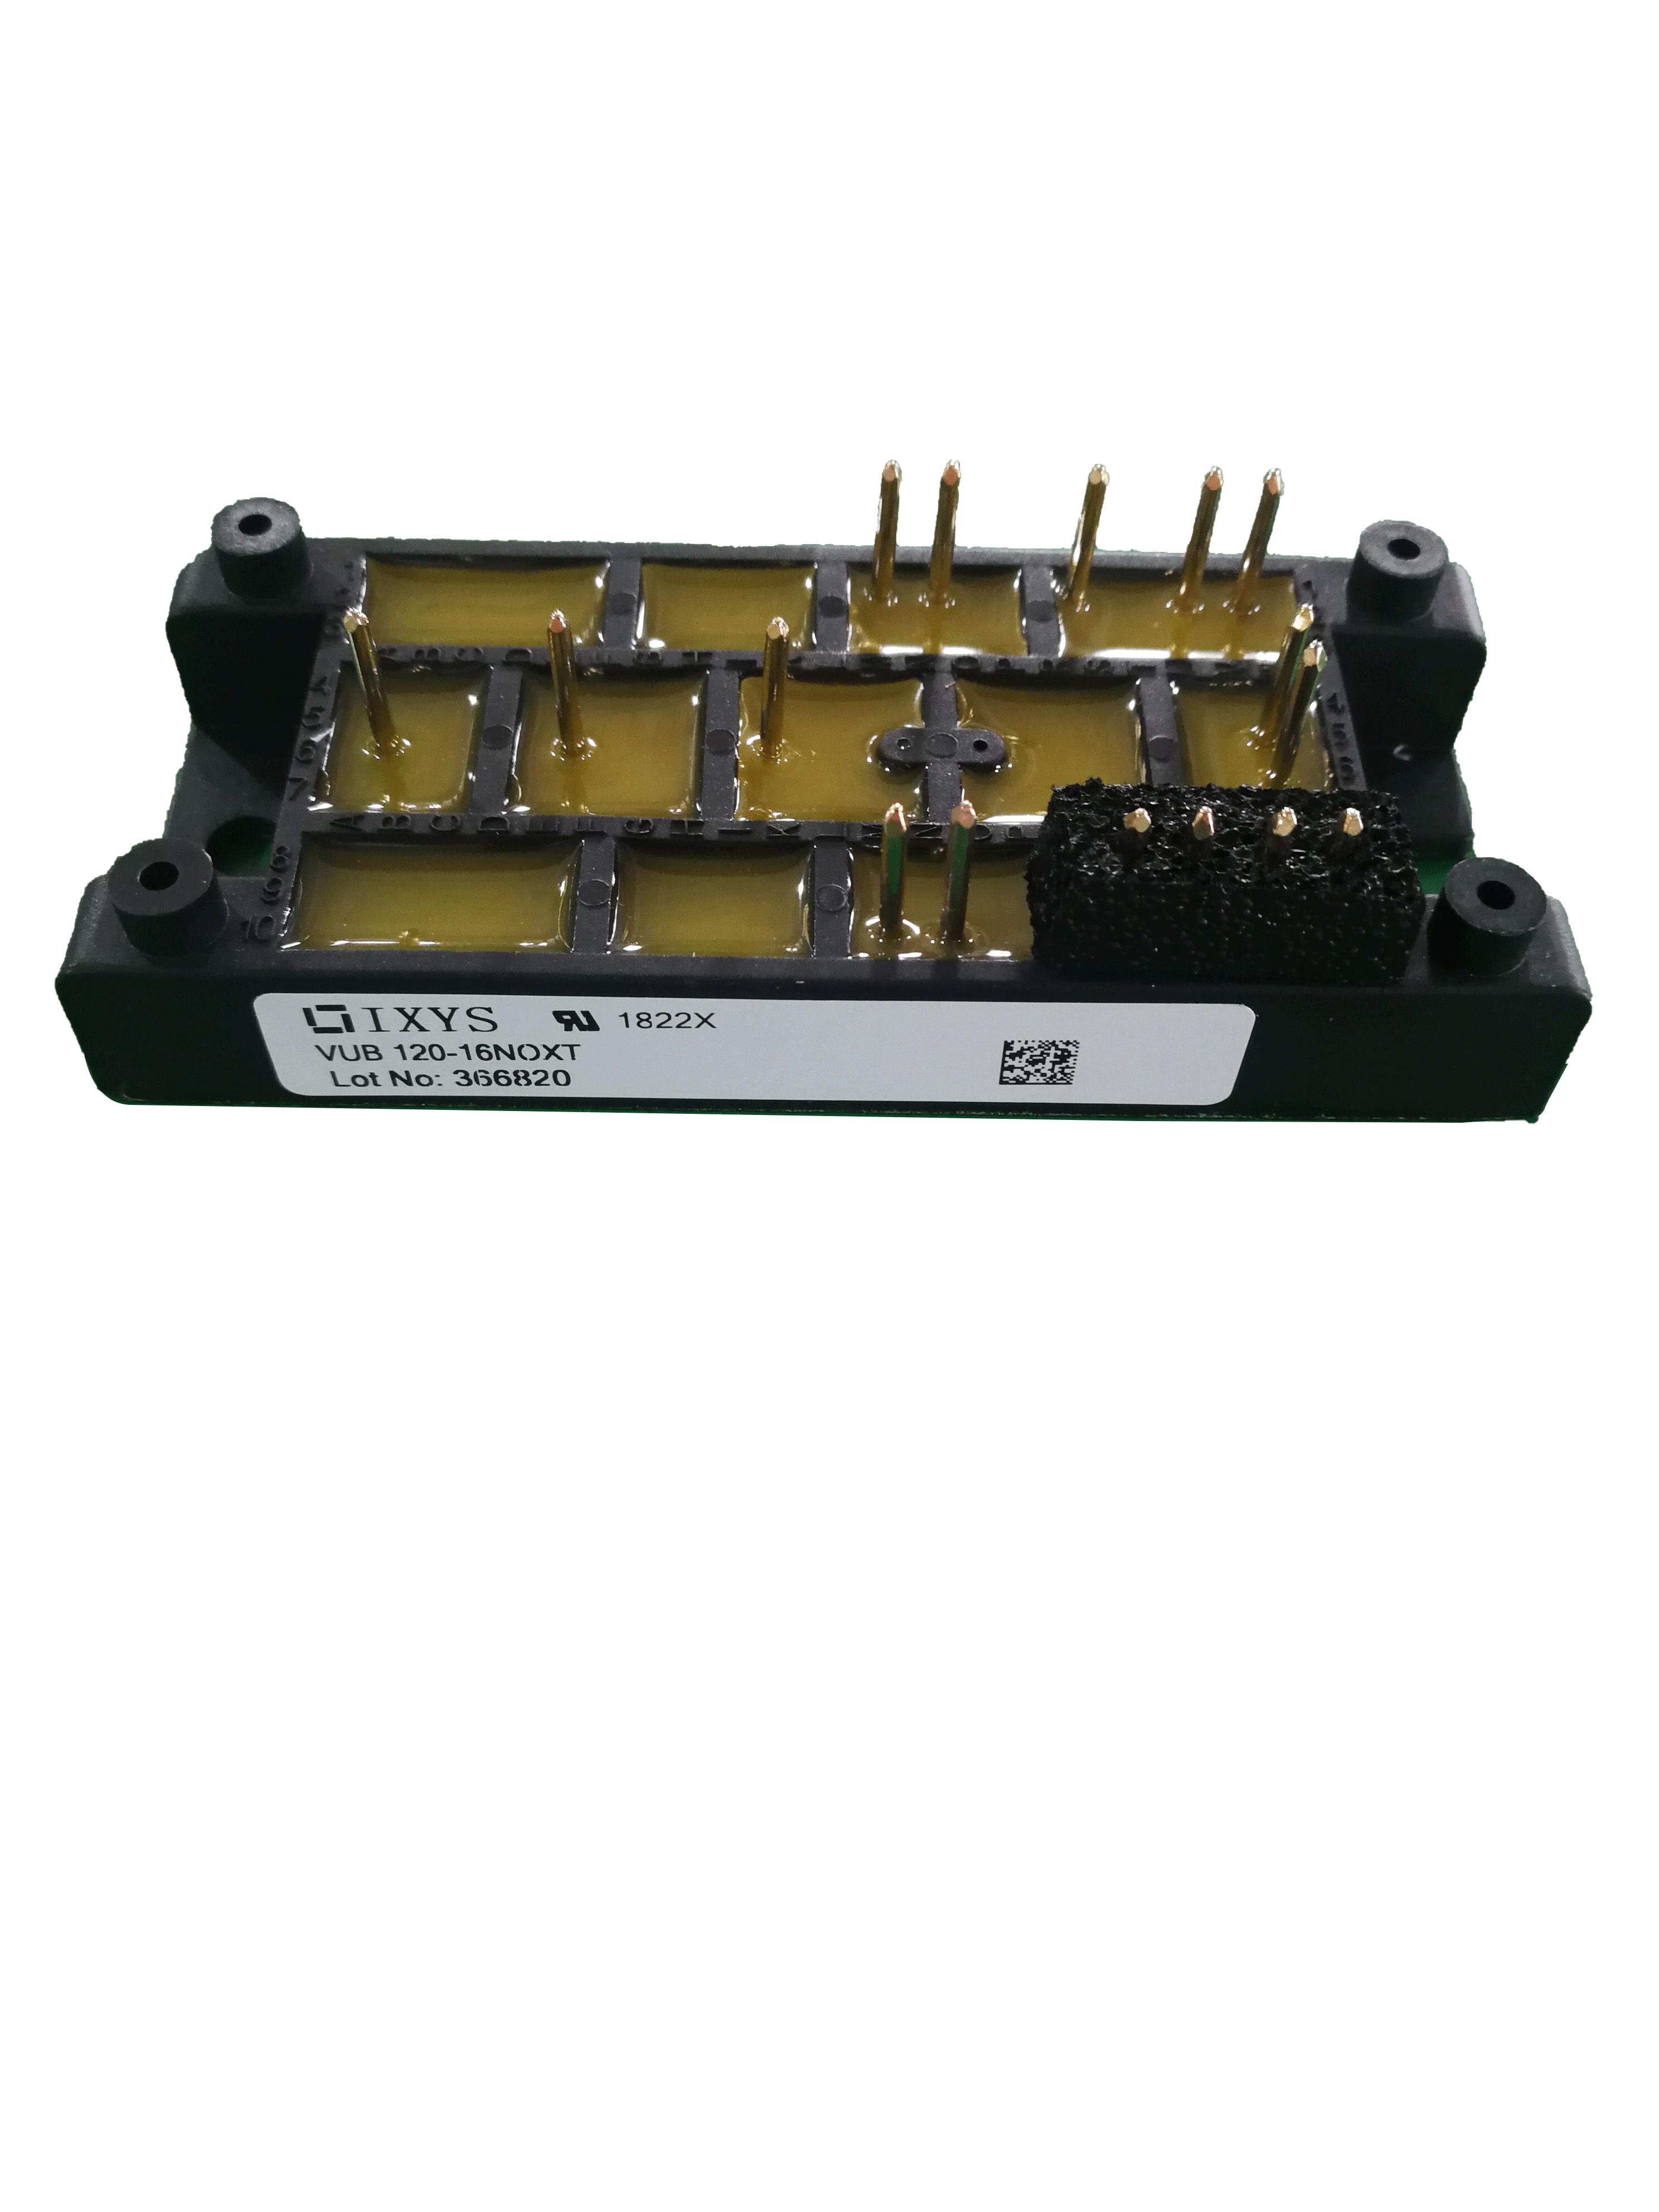 艾赛斯可控硅模块VUB120-16NOXT